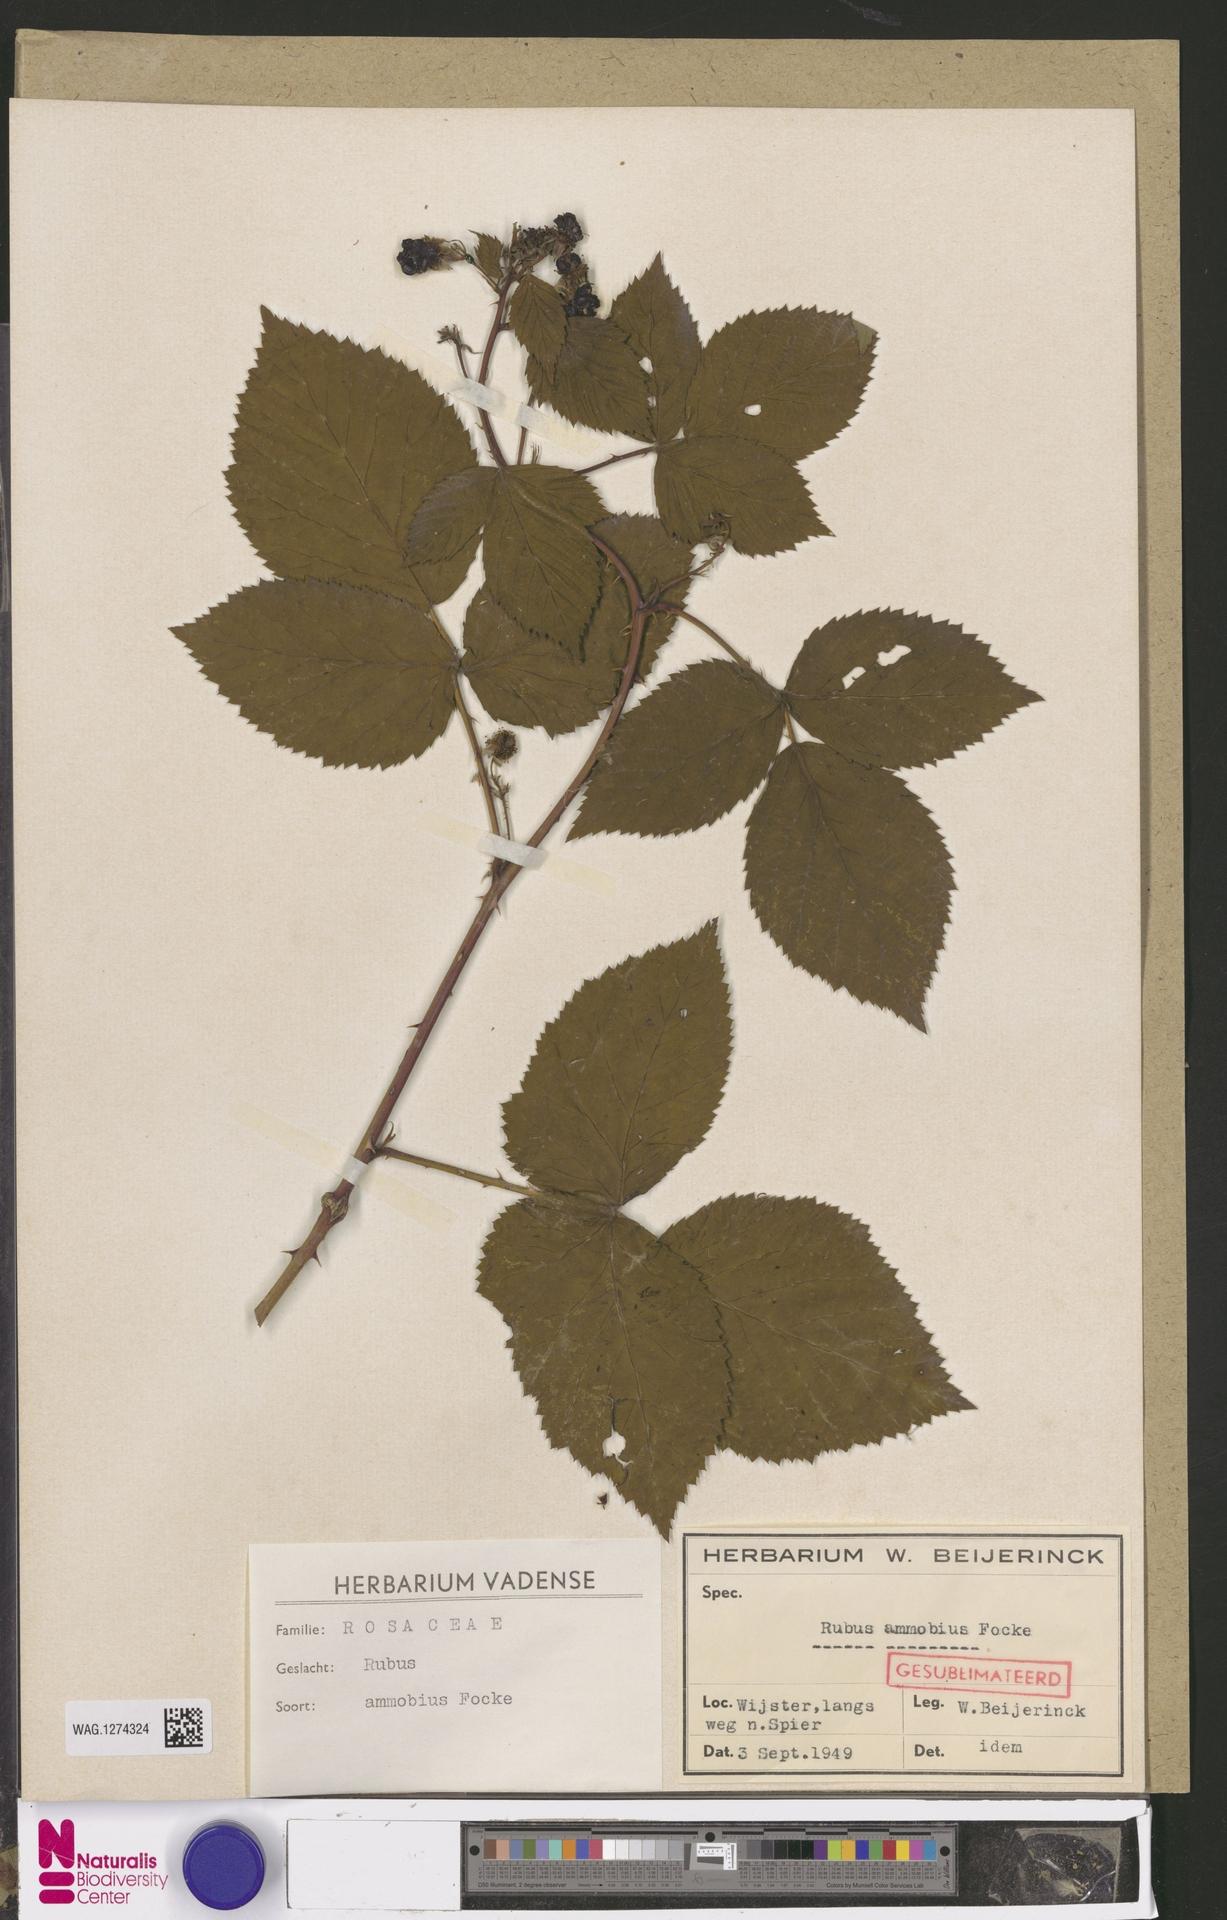 WAG.1274324   Rubus ammobius Focke